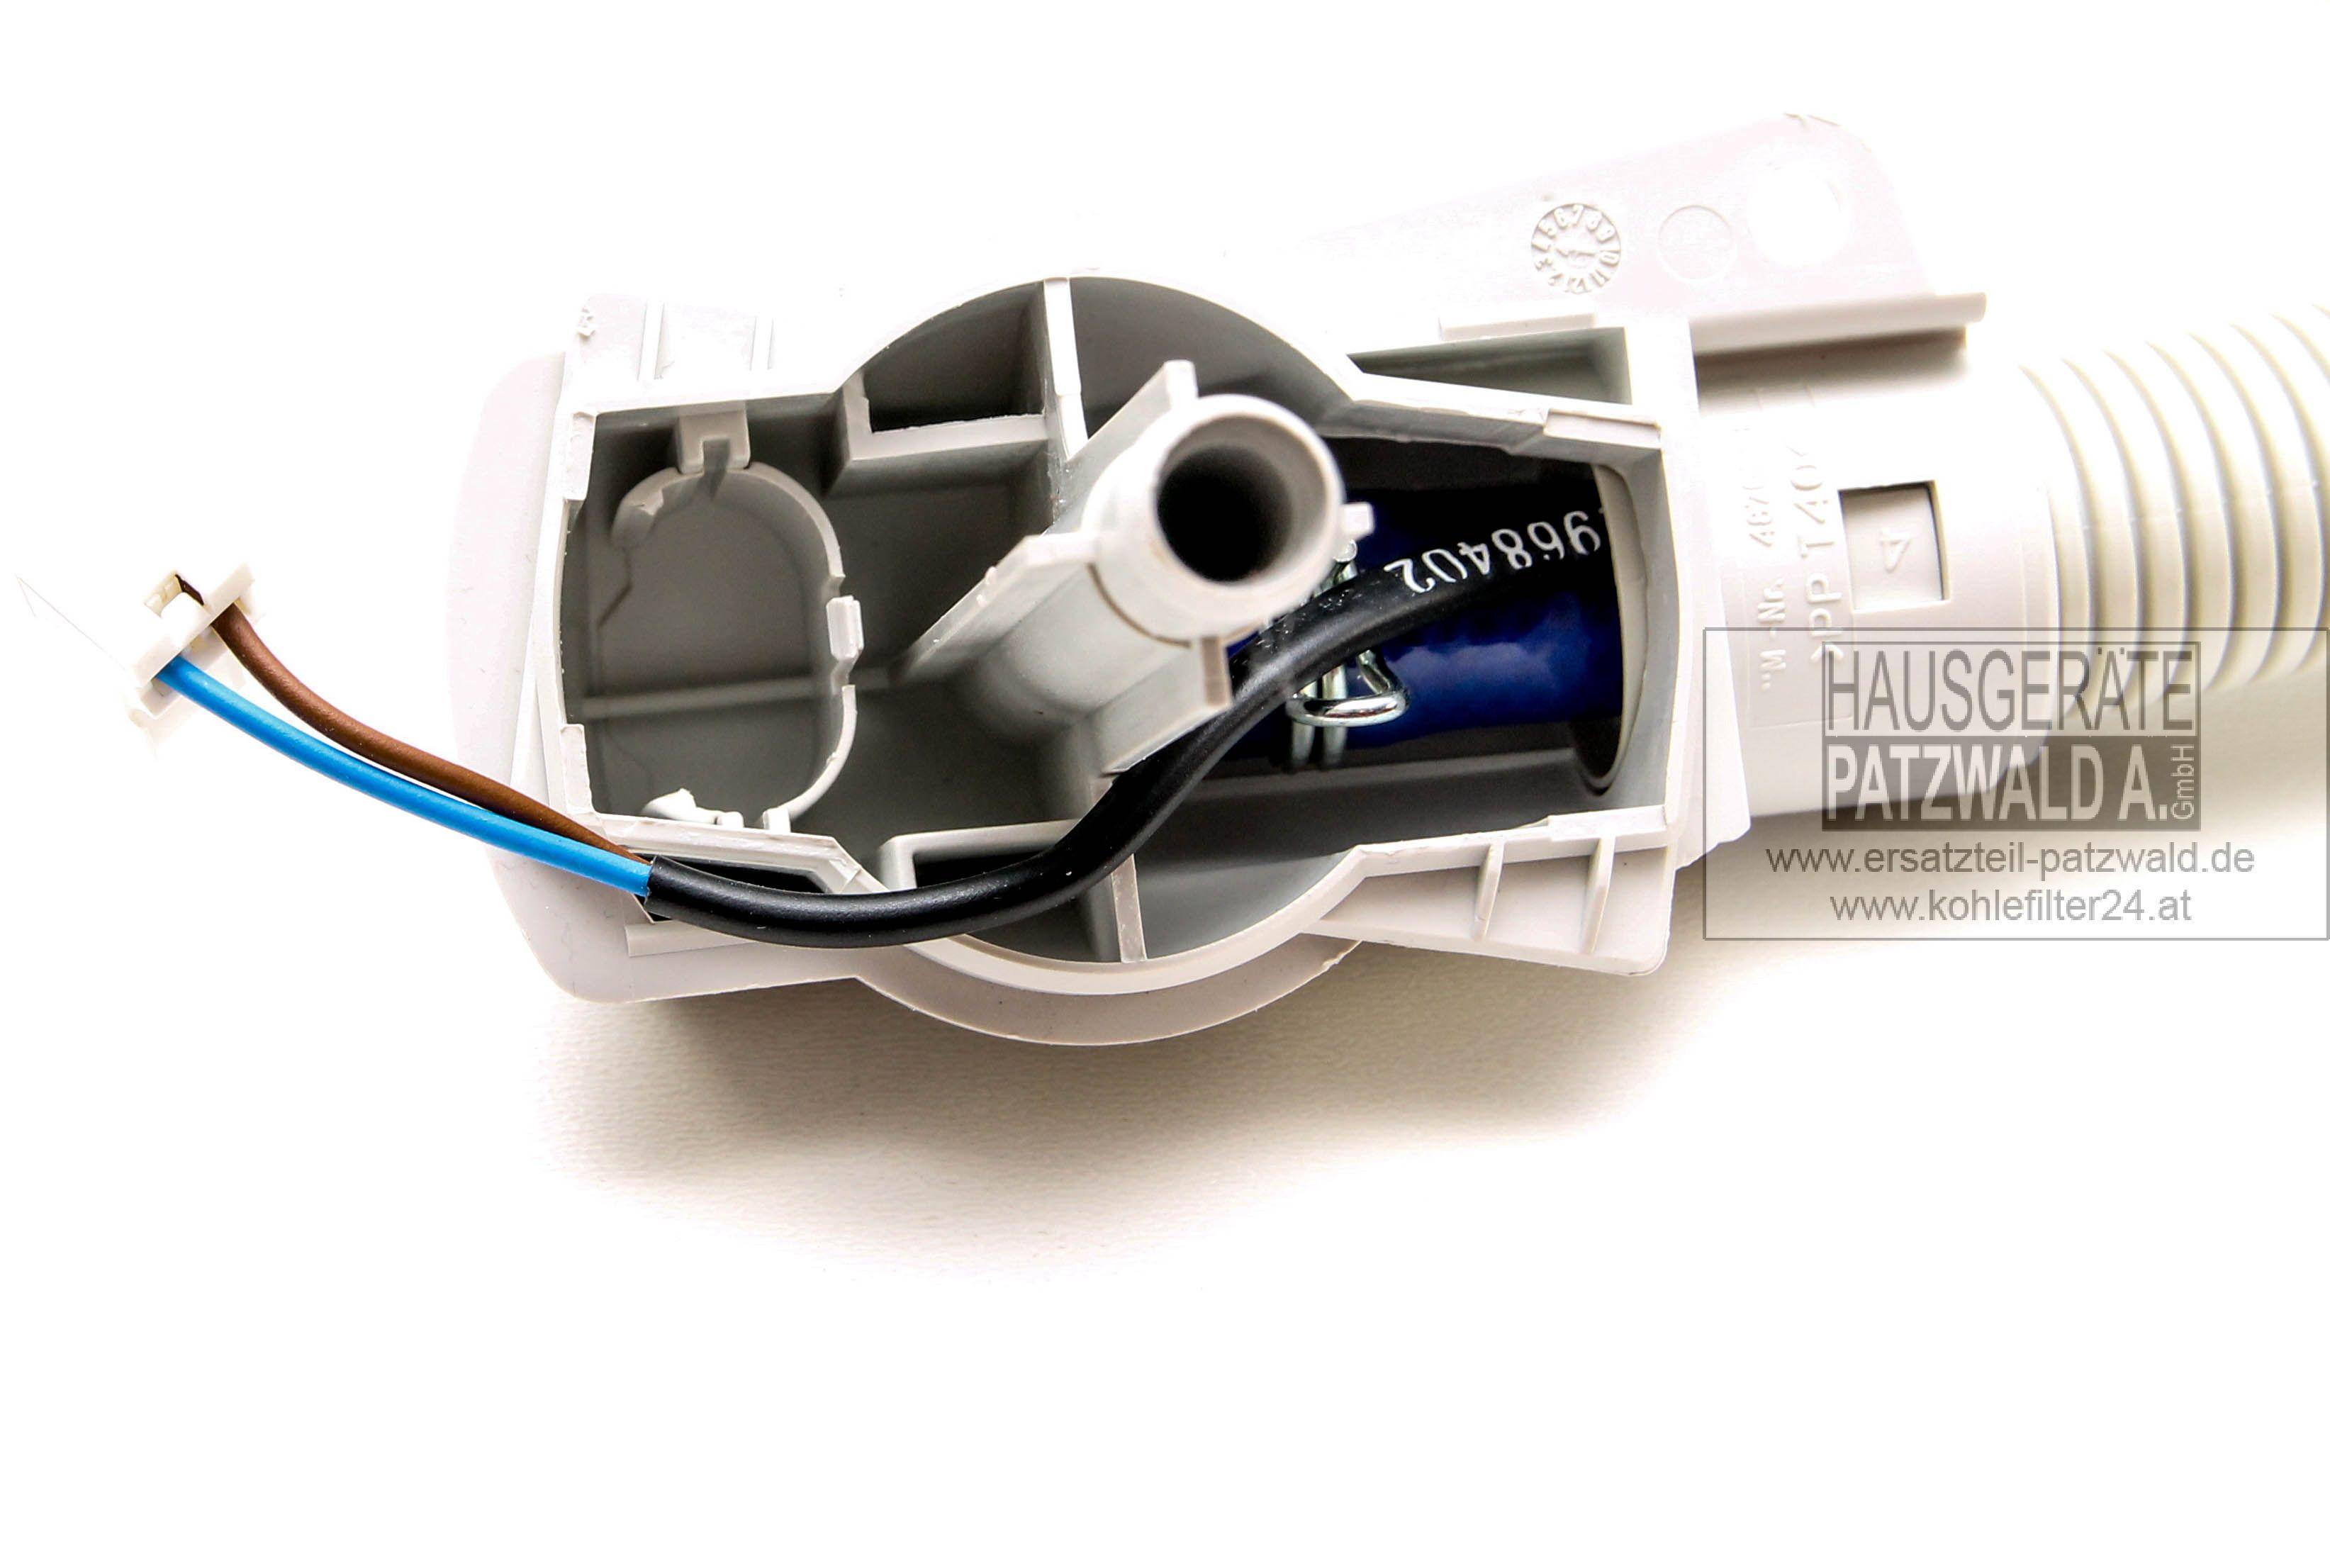 Aquastopschlauch Zulaufschlauch Aquastop Waschmaschine wie Miele 5729731 5729732